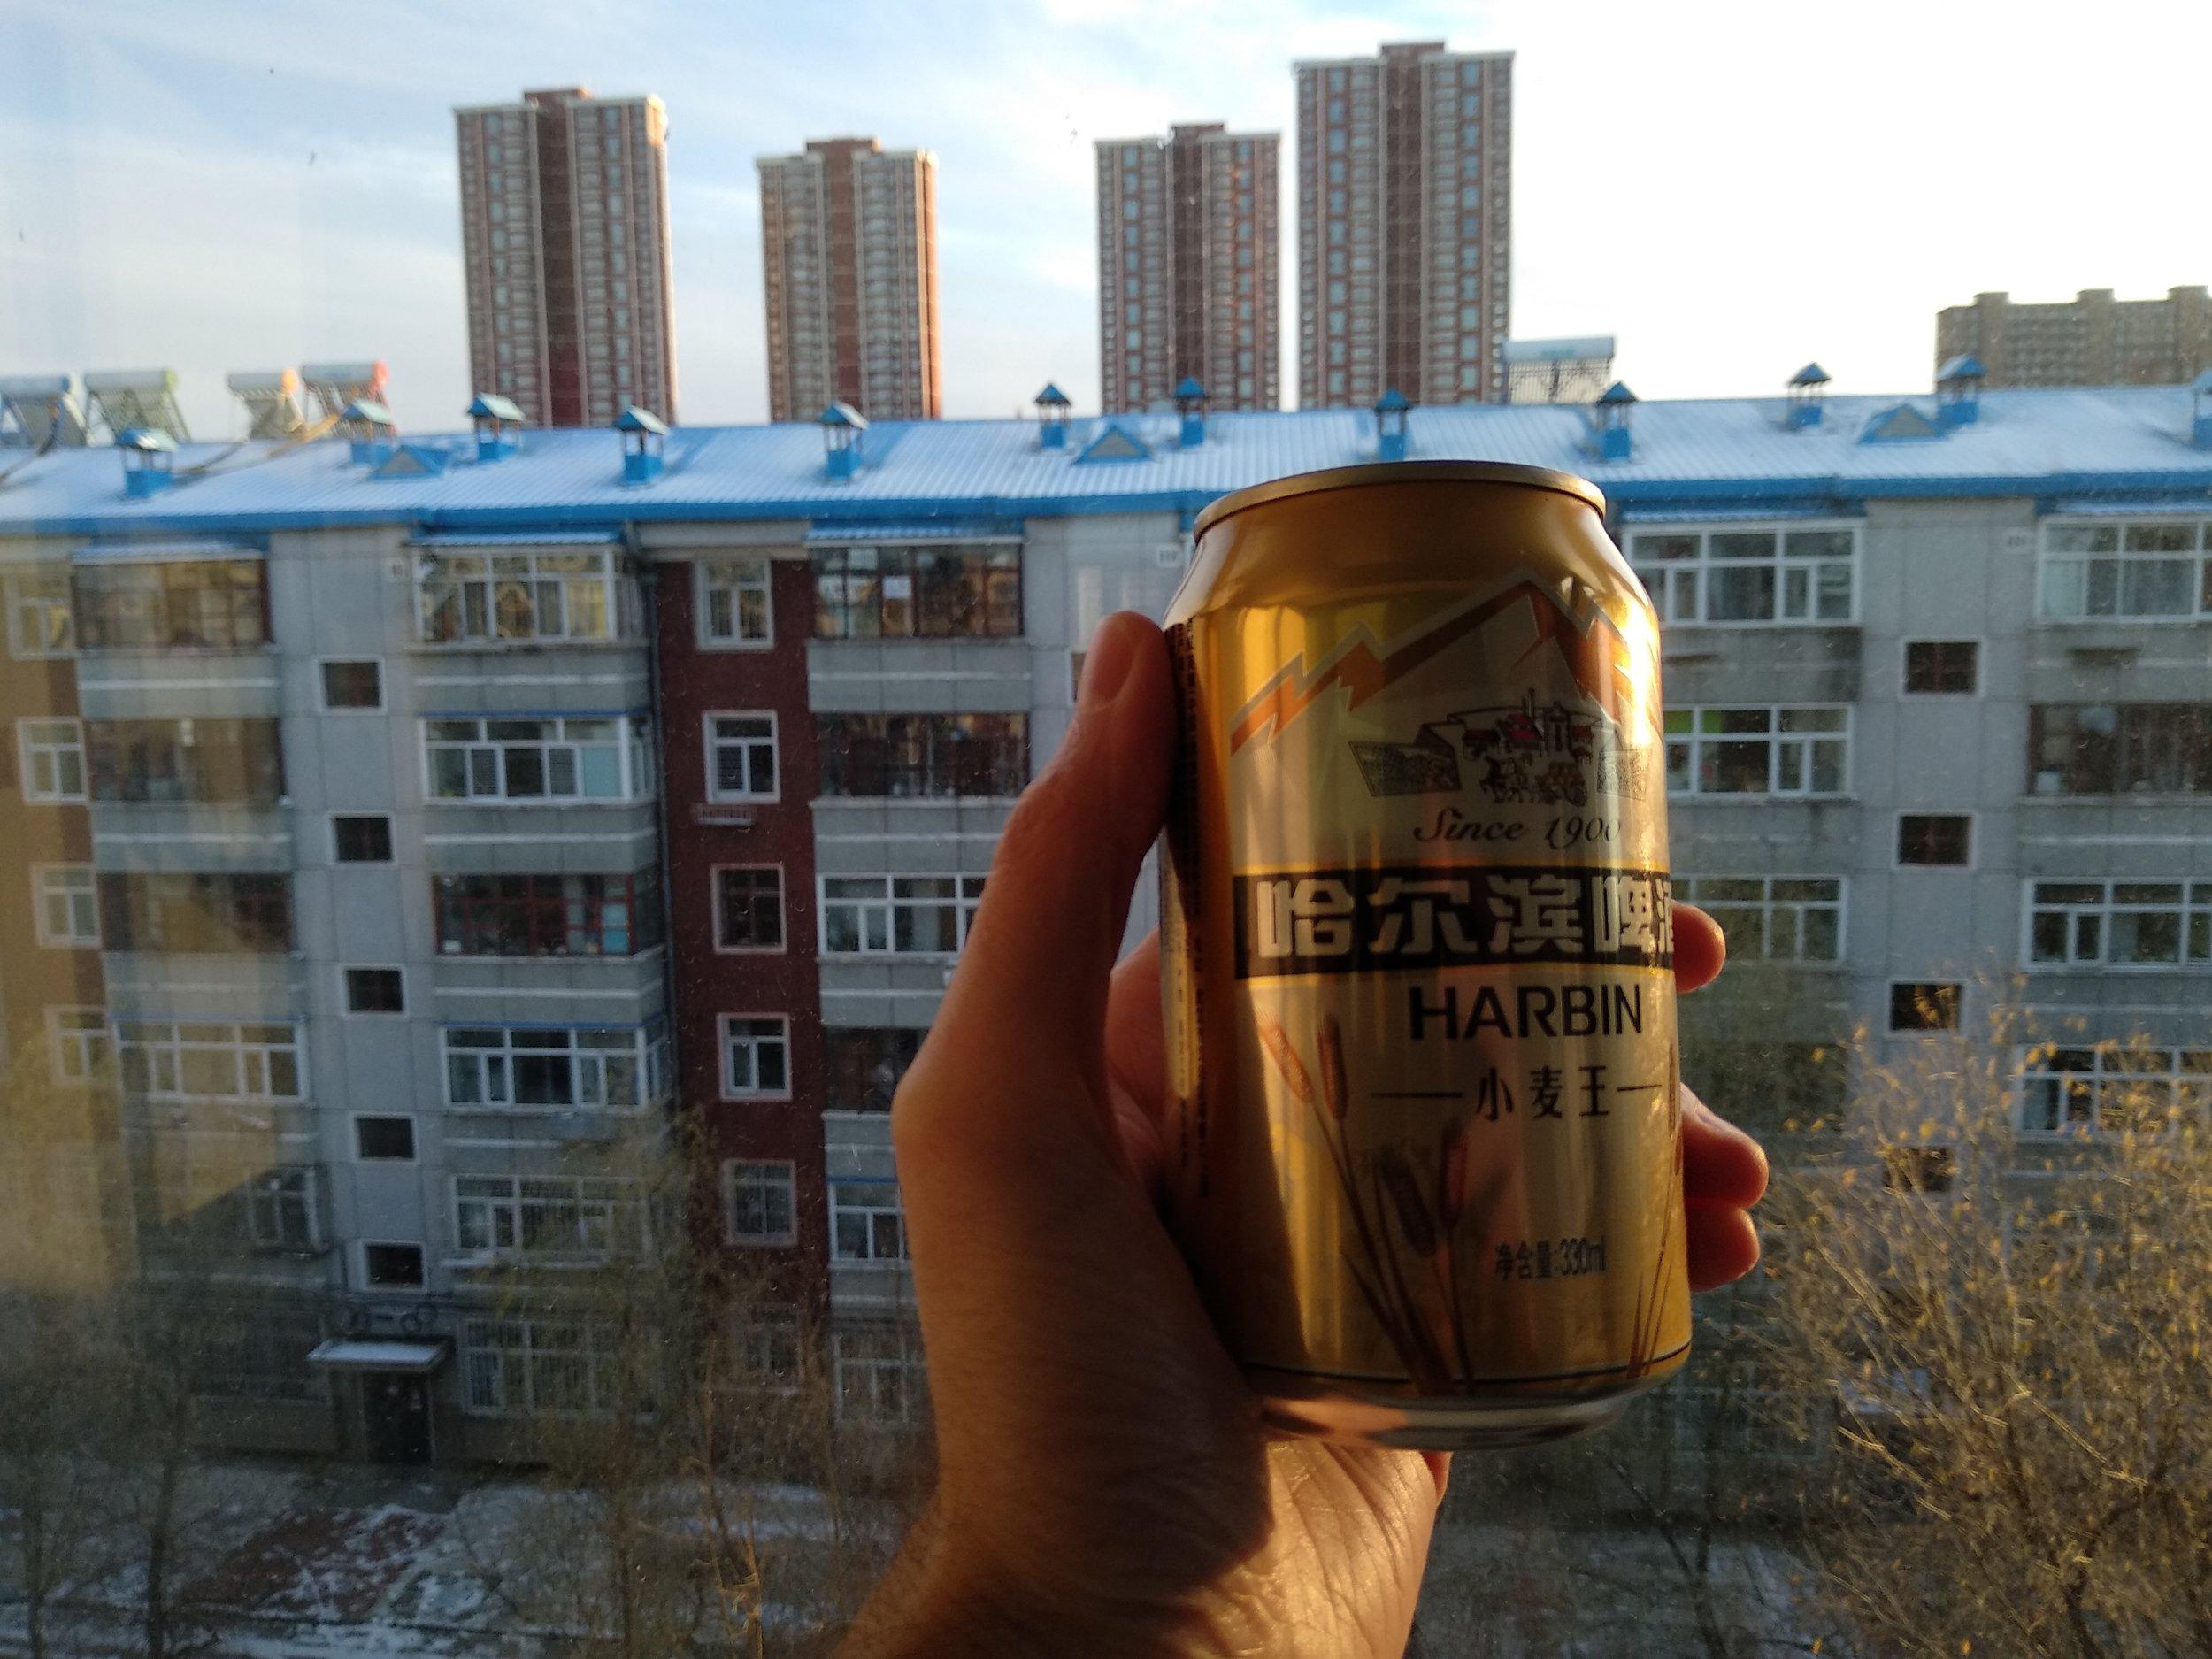 passport-beerlandia-harbin-beer-wheat-king.jpg